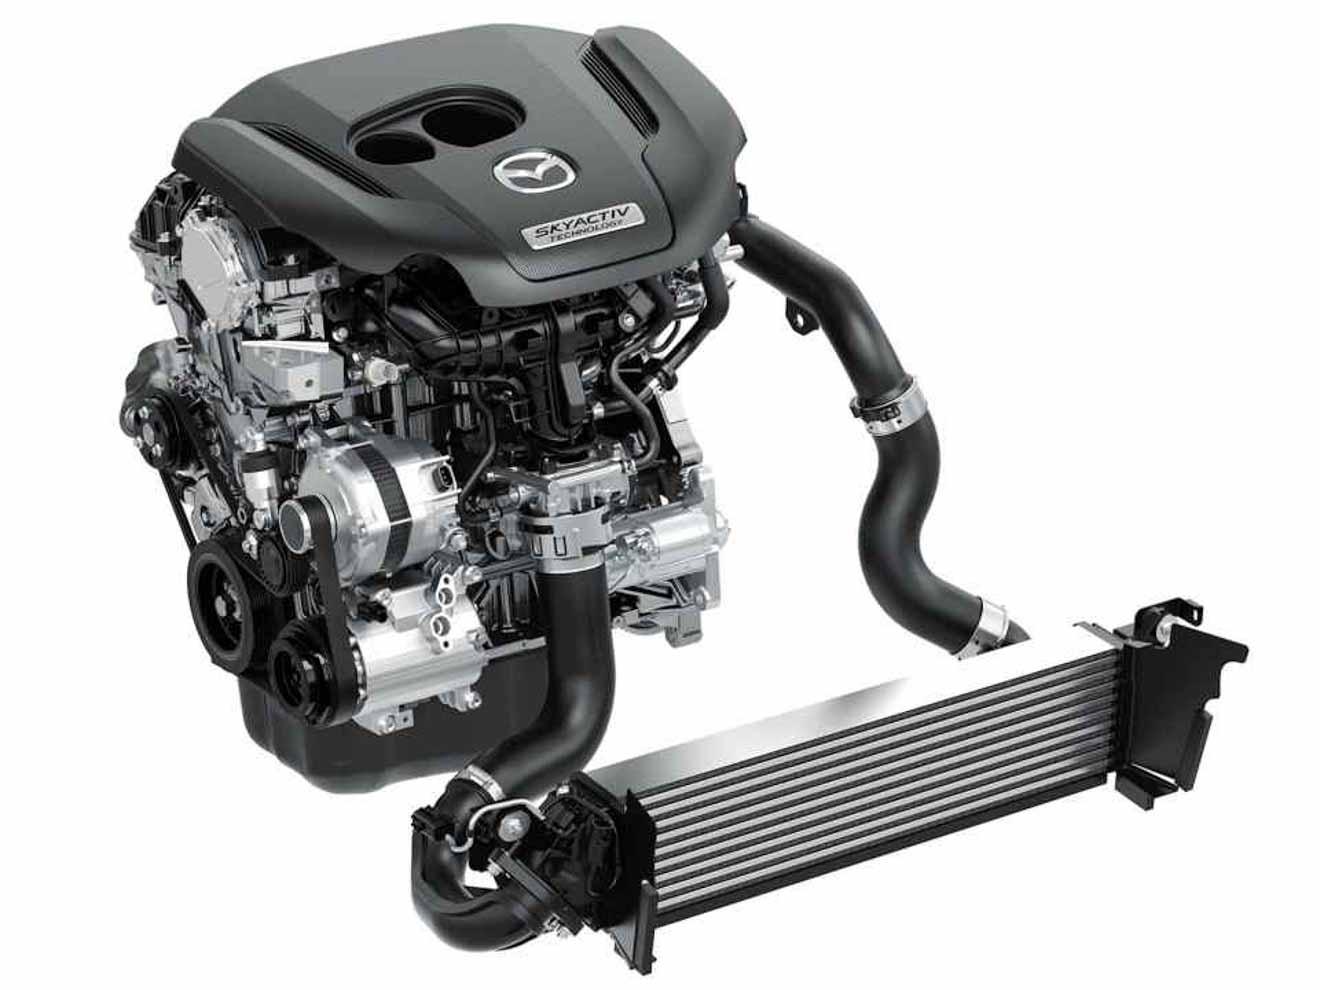 Mazda giới thiệu CX-5 2019 với trang bị động cơ tăng áp - 3